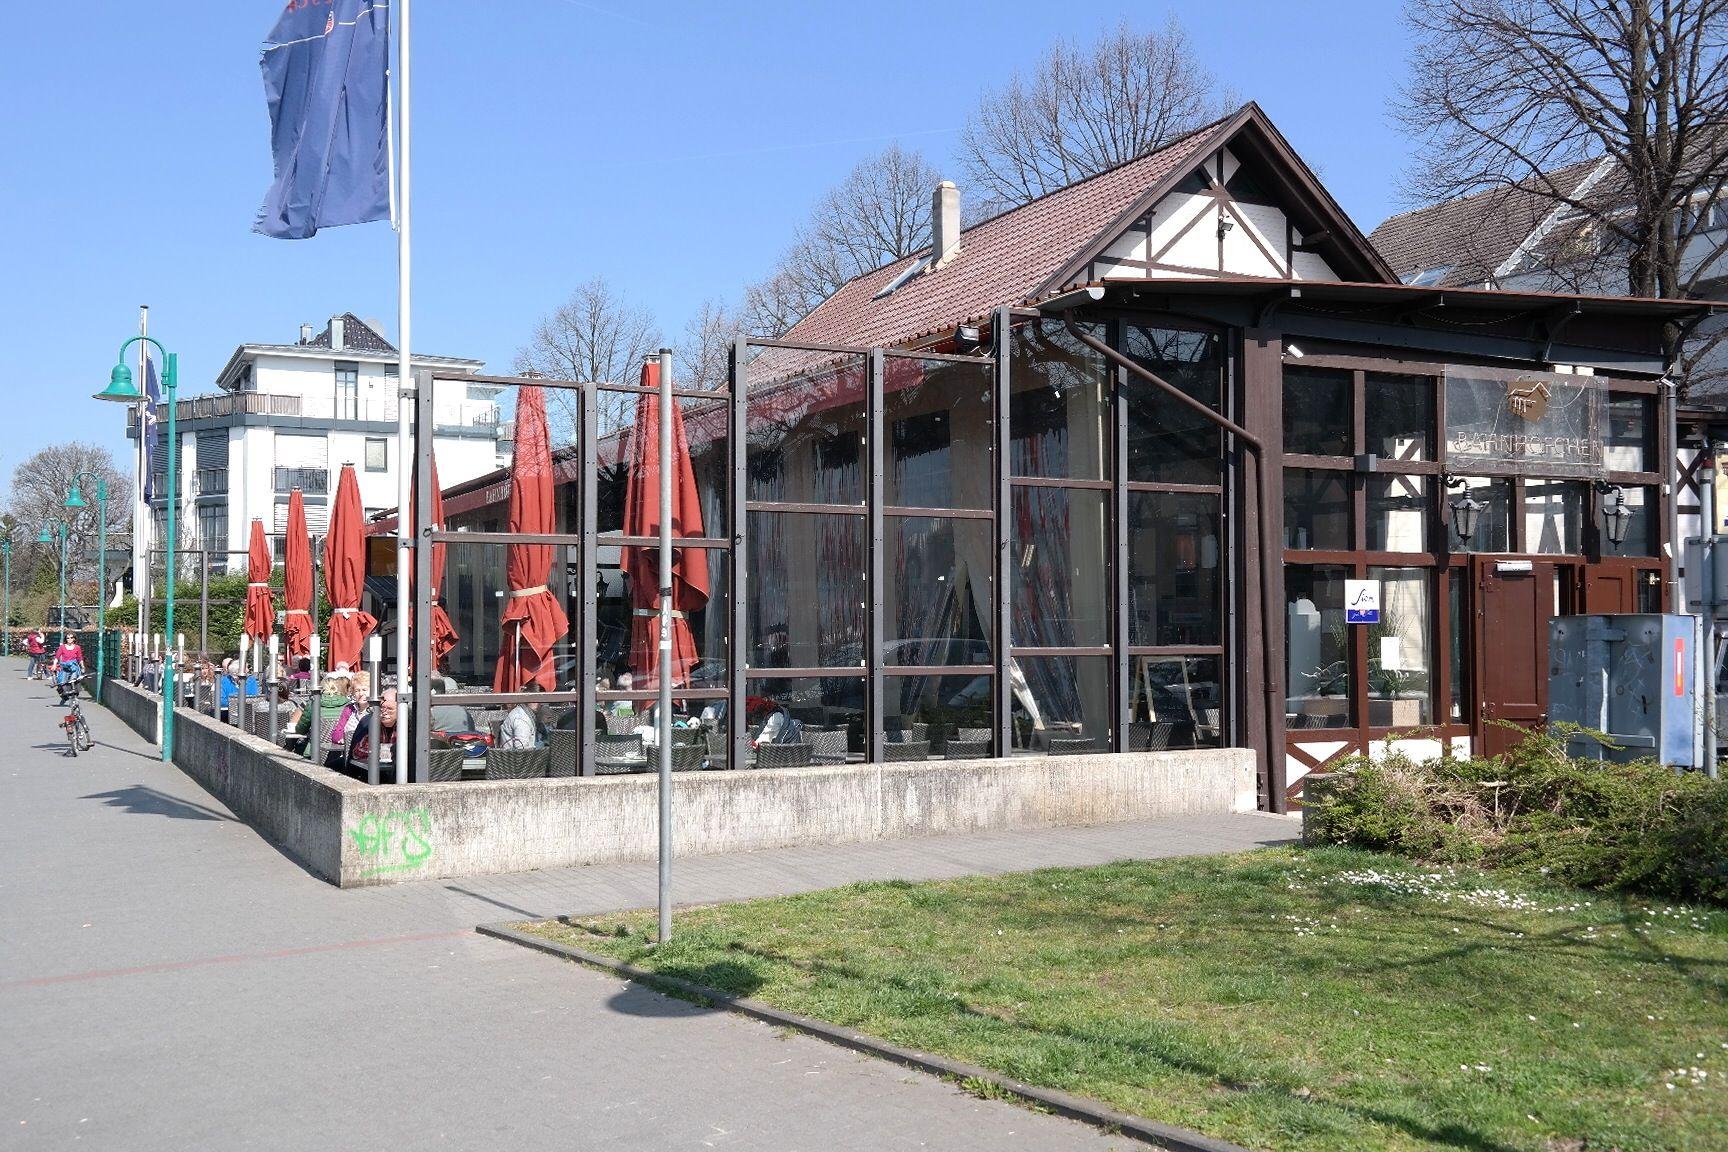 Bahnhöfchen Bonn Beuel Essen Gehen Frühstück Rhein Rheinufer